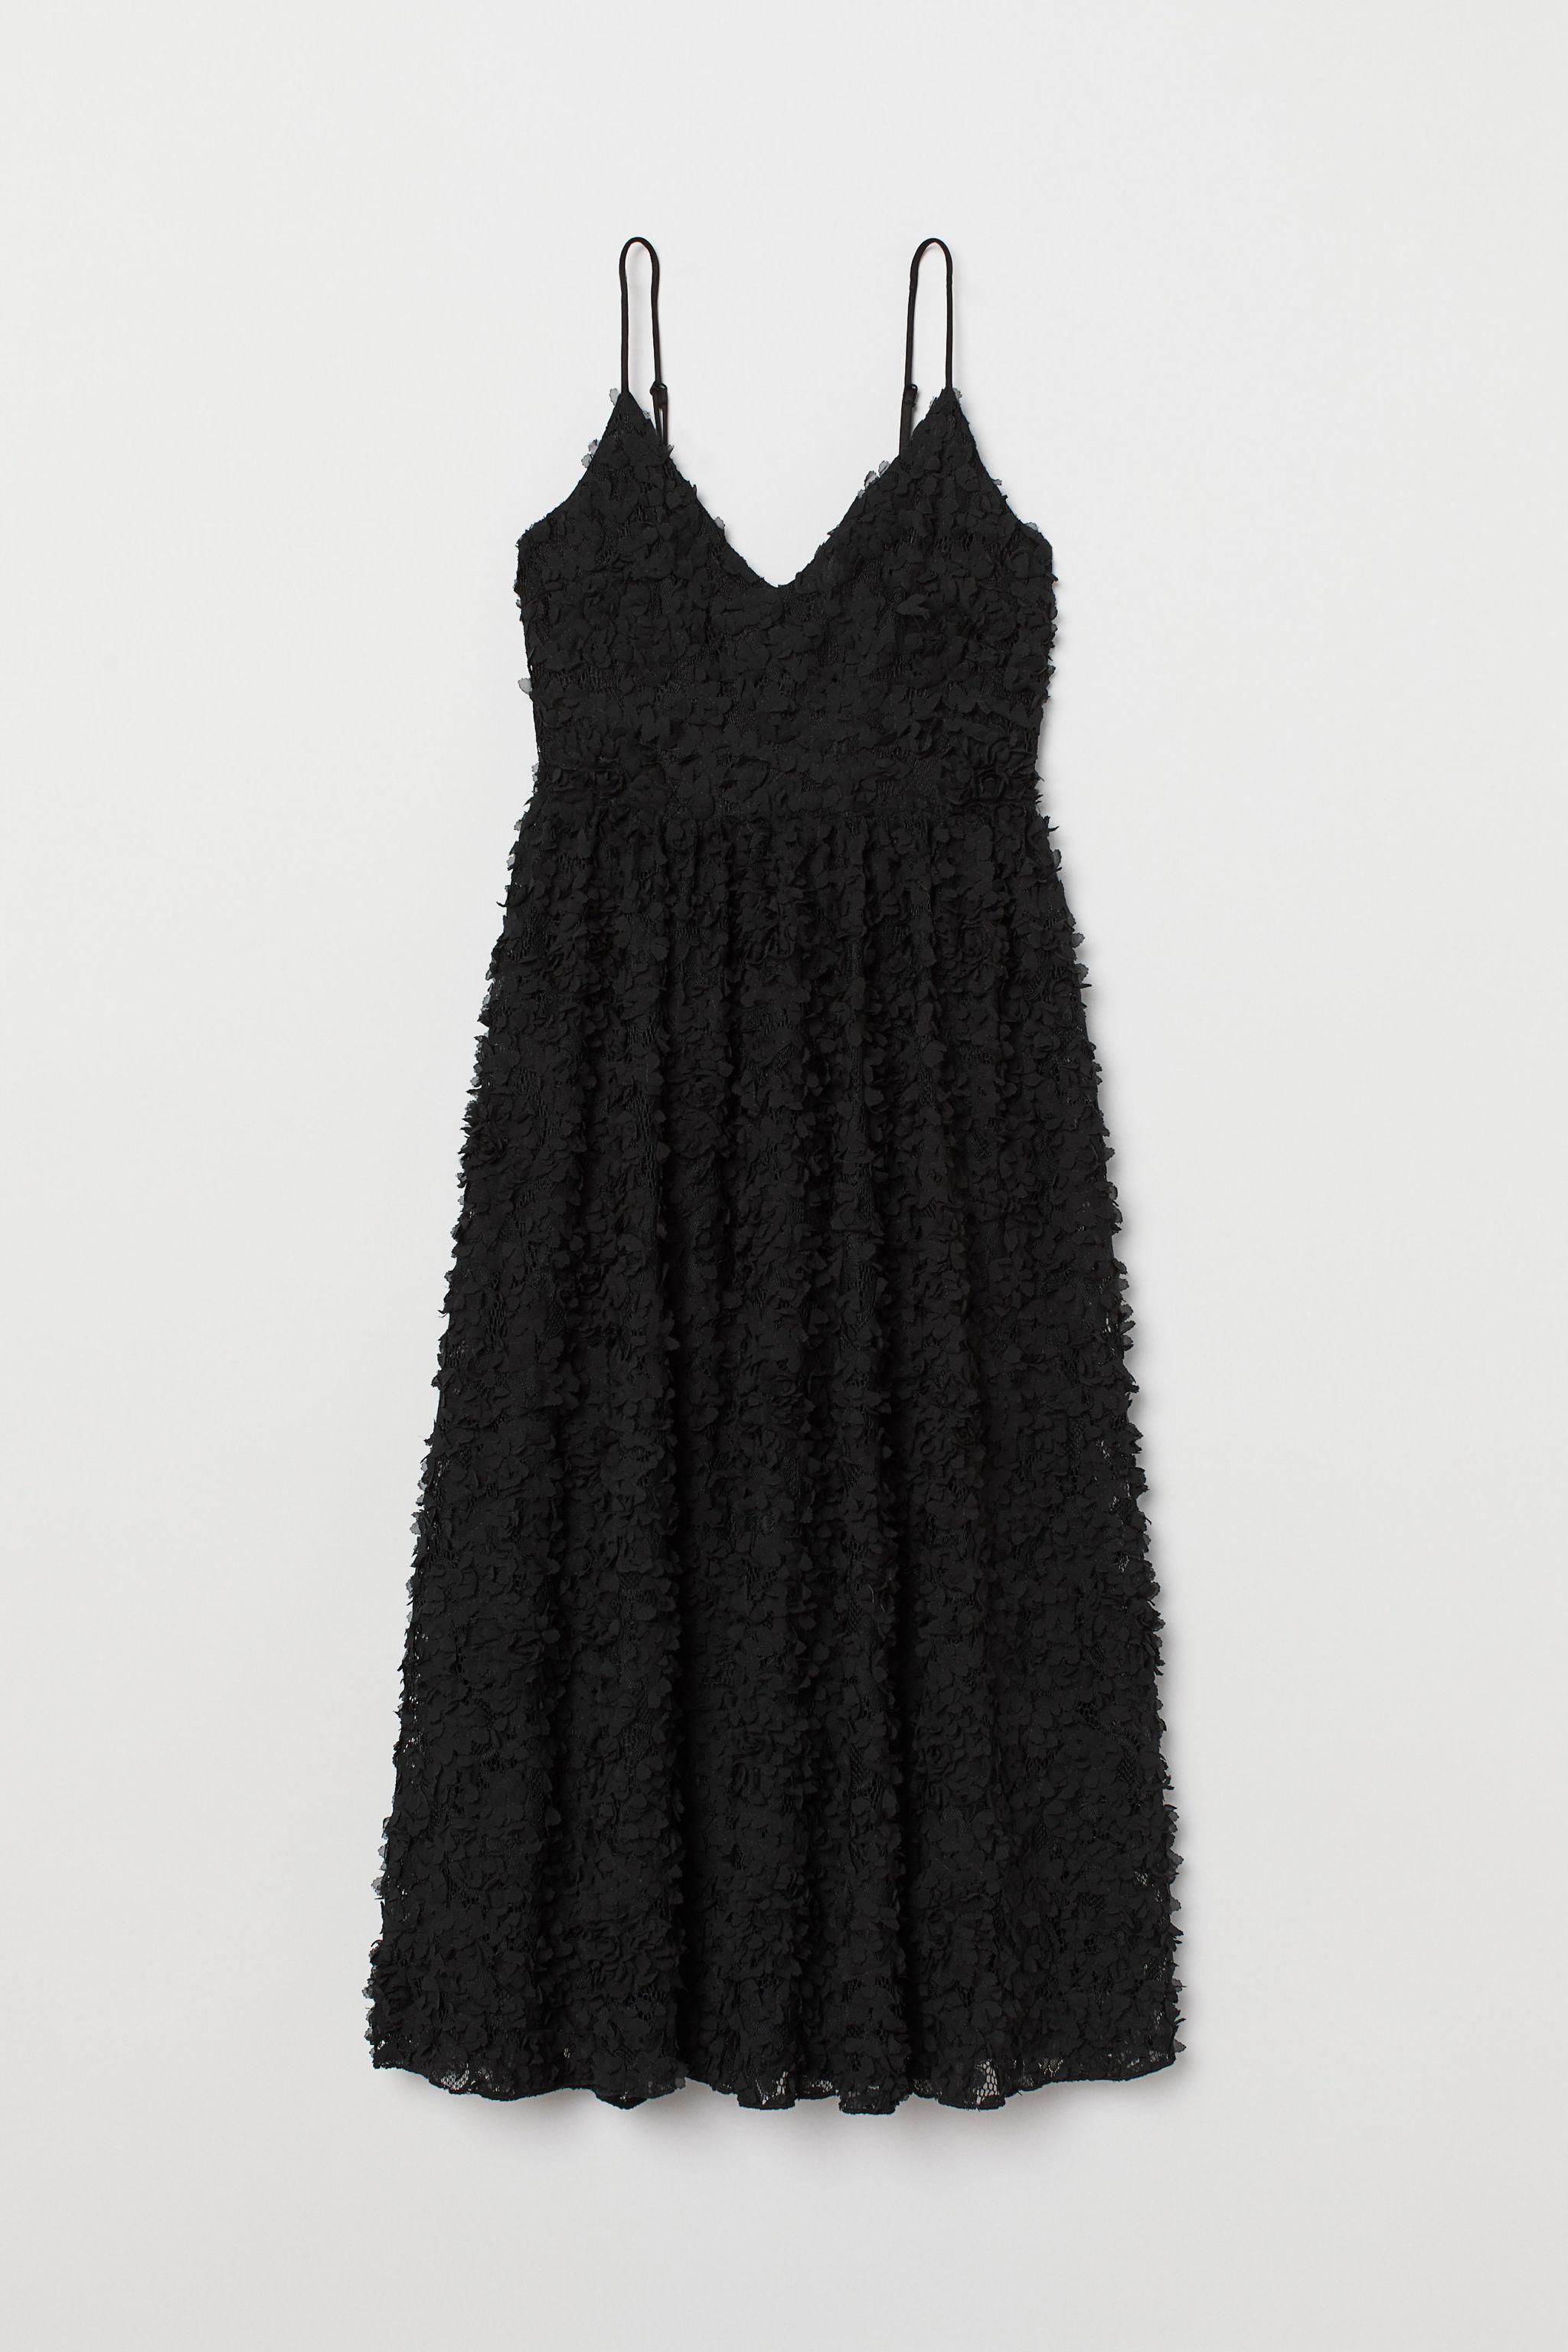 Vestido sin mangas de encaje con aplicaciones de gasa, de H&M (89,99...